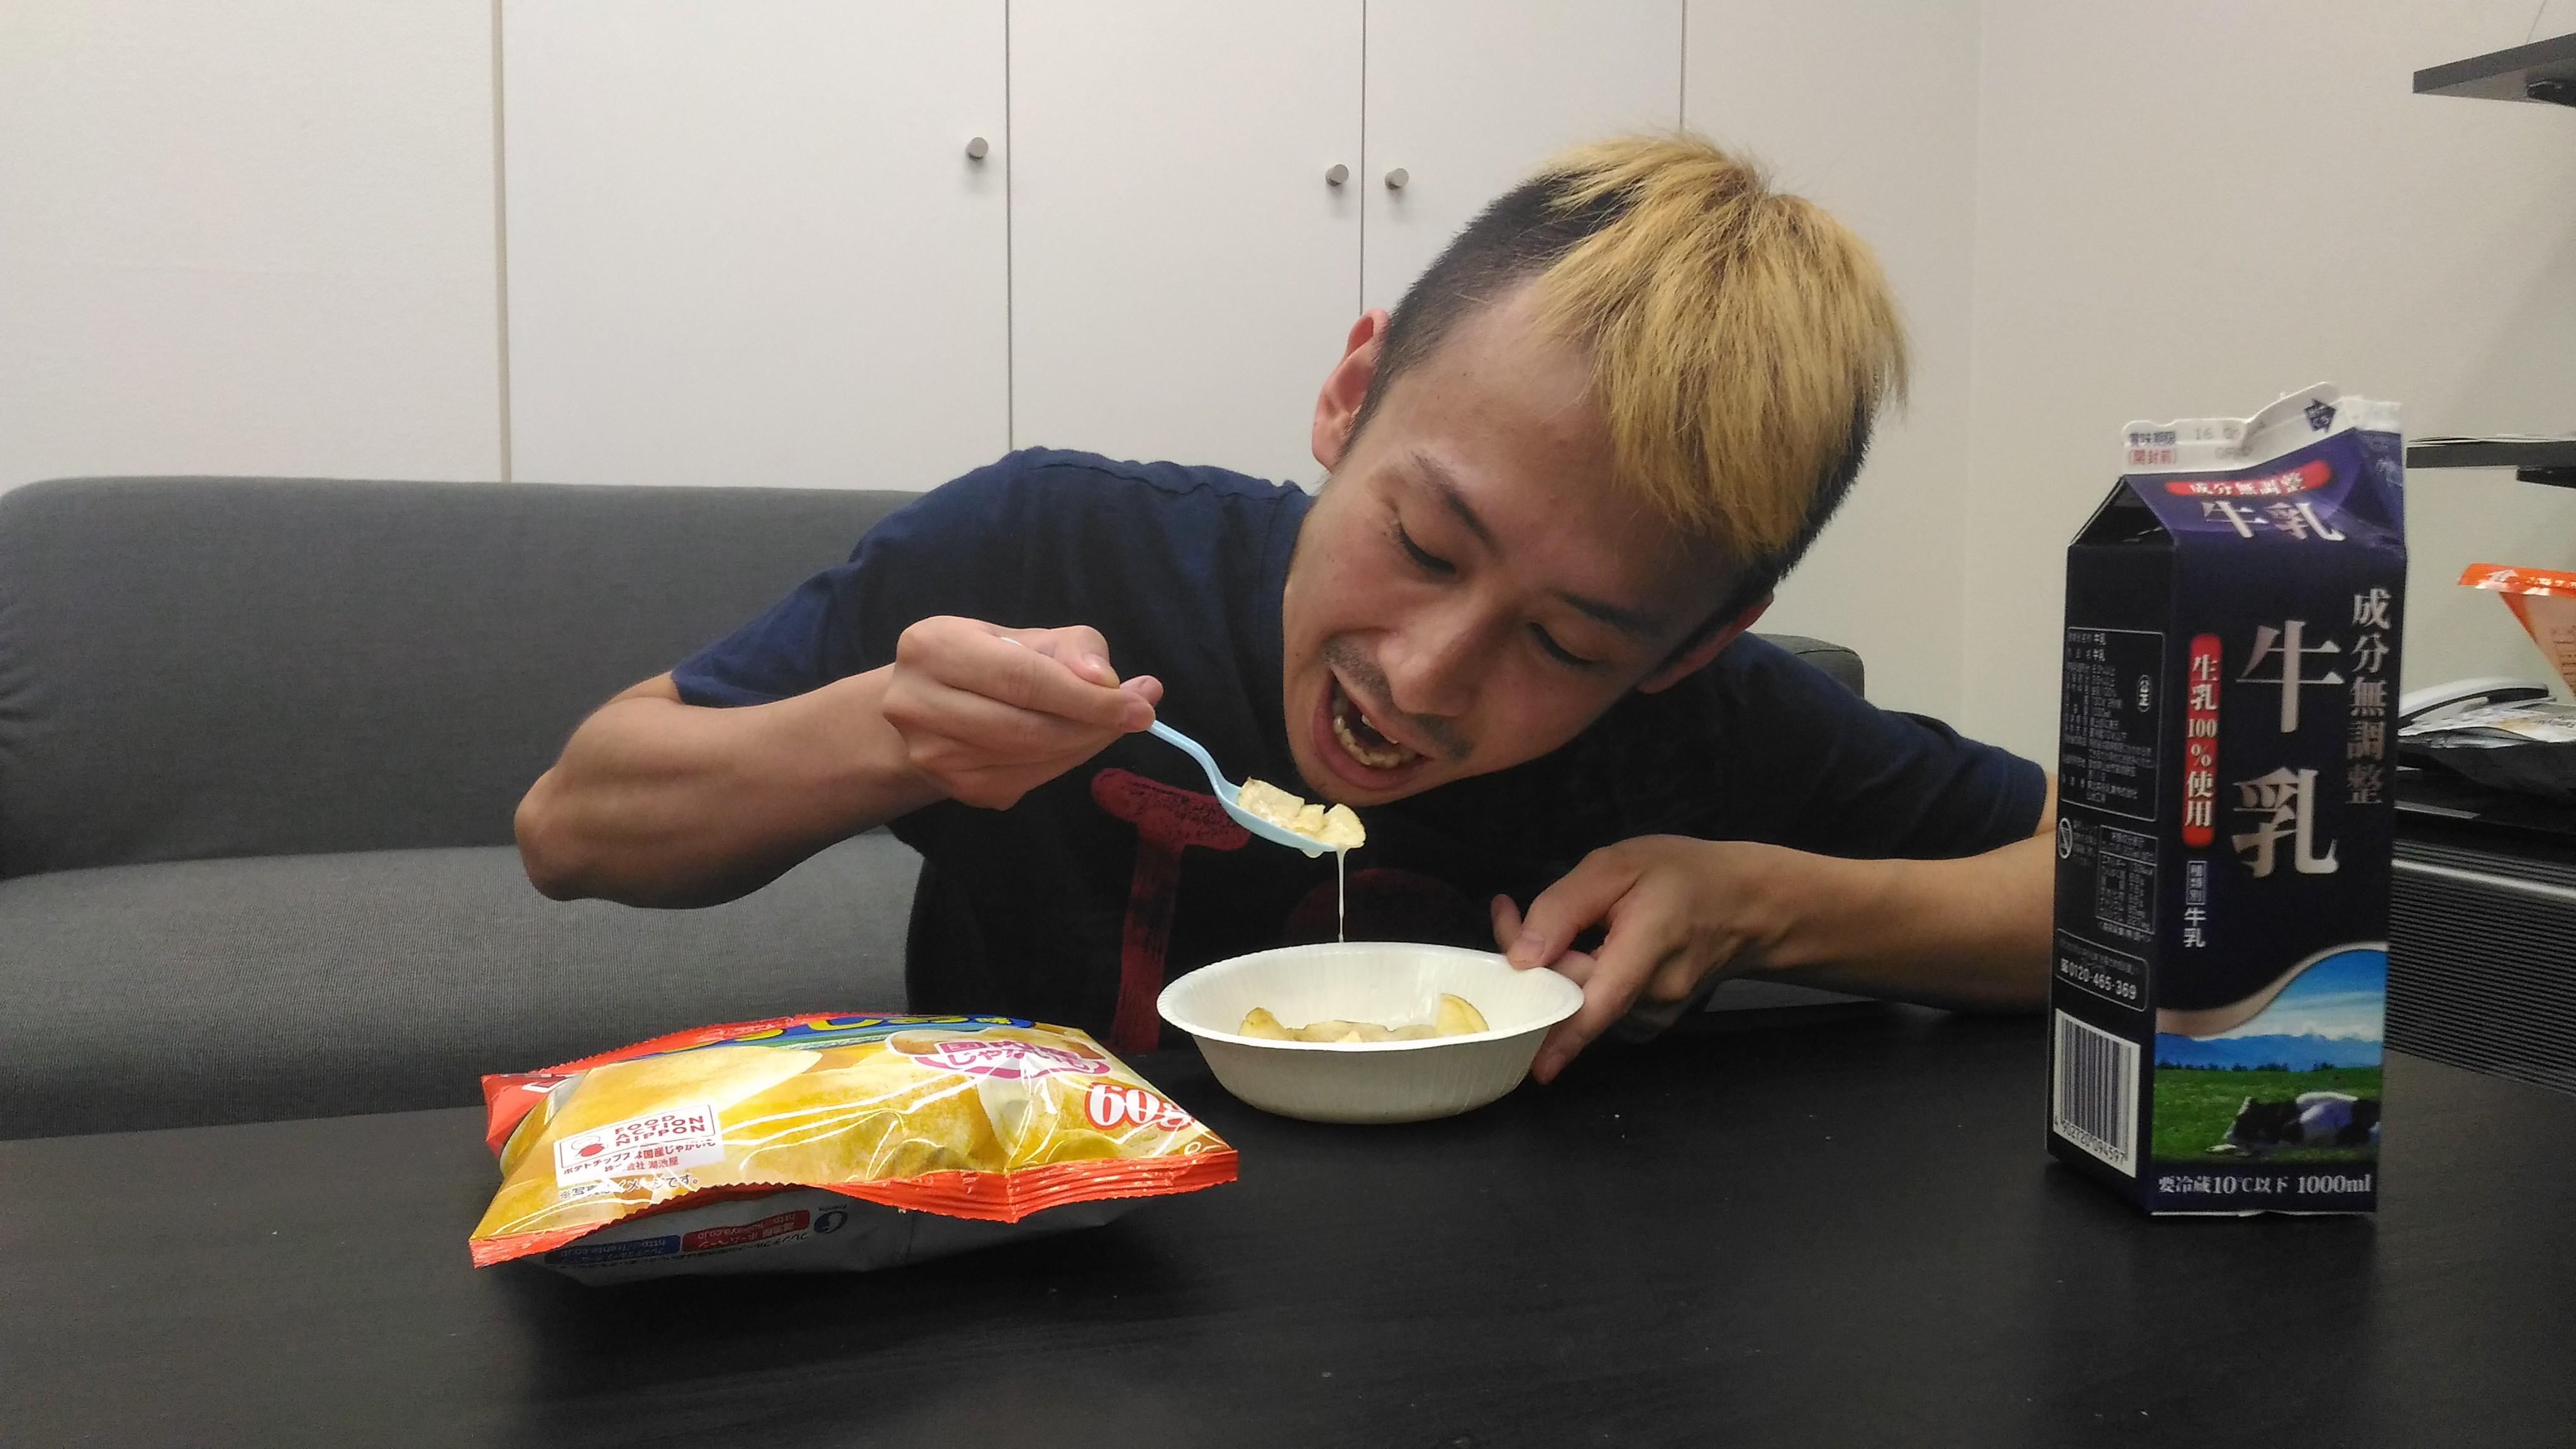 ポテチ(コイケヤ / うすしお)と牛乳でシリアル風